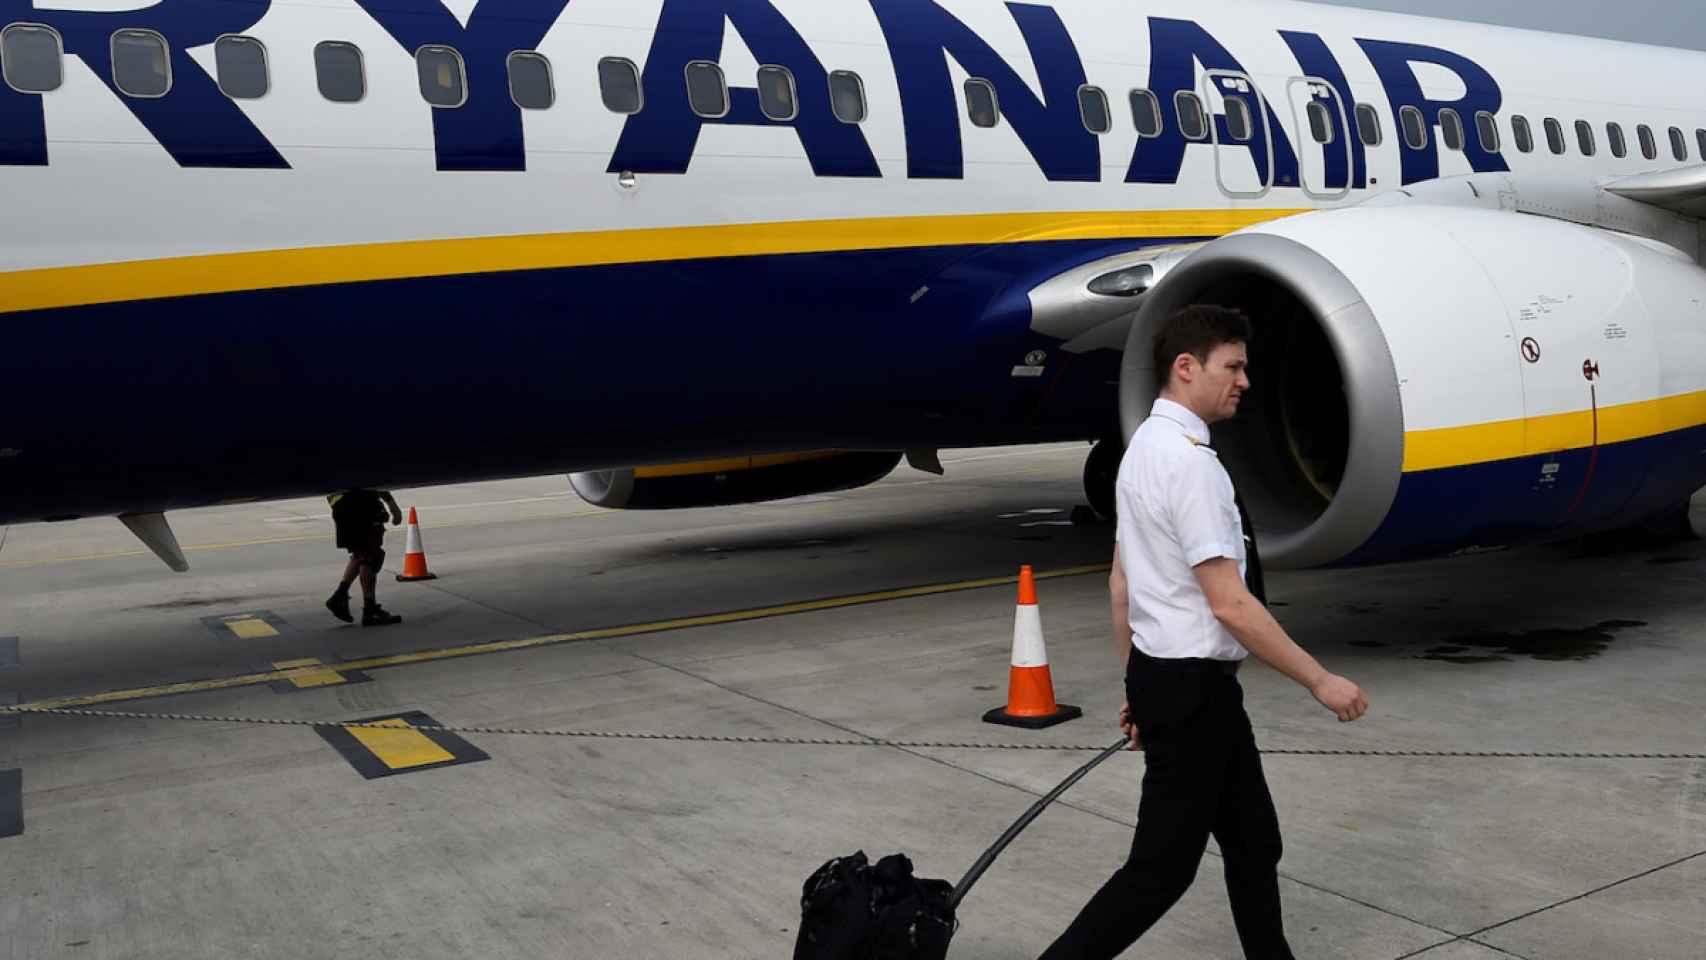 Un tripulante de cabina de Ryanair en una imagen de archivo.